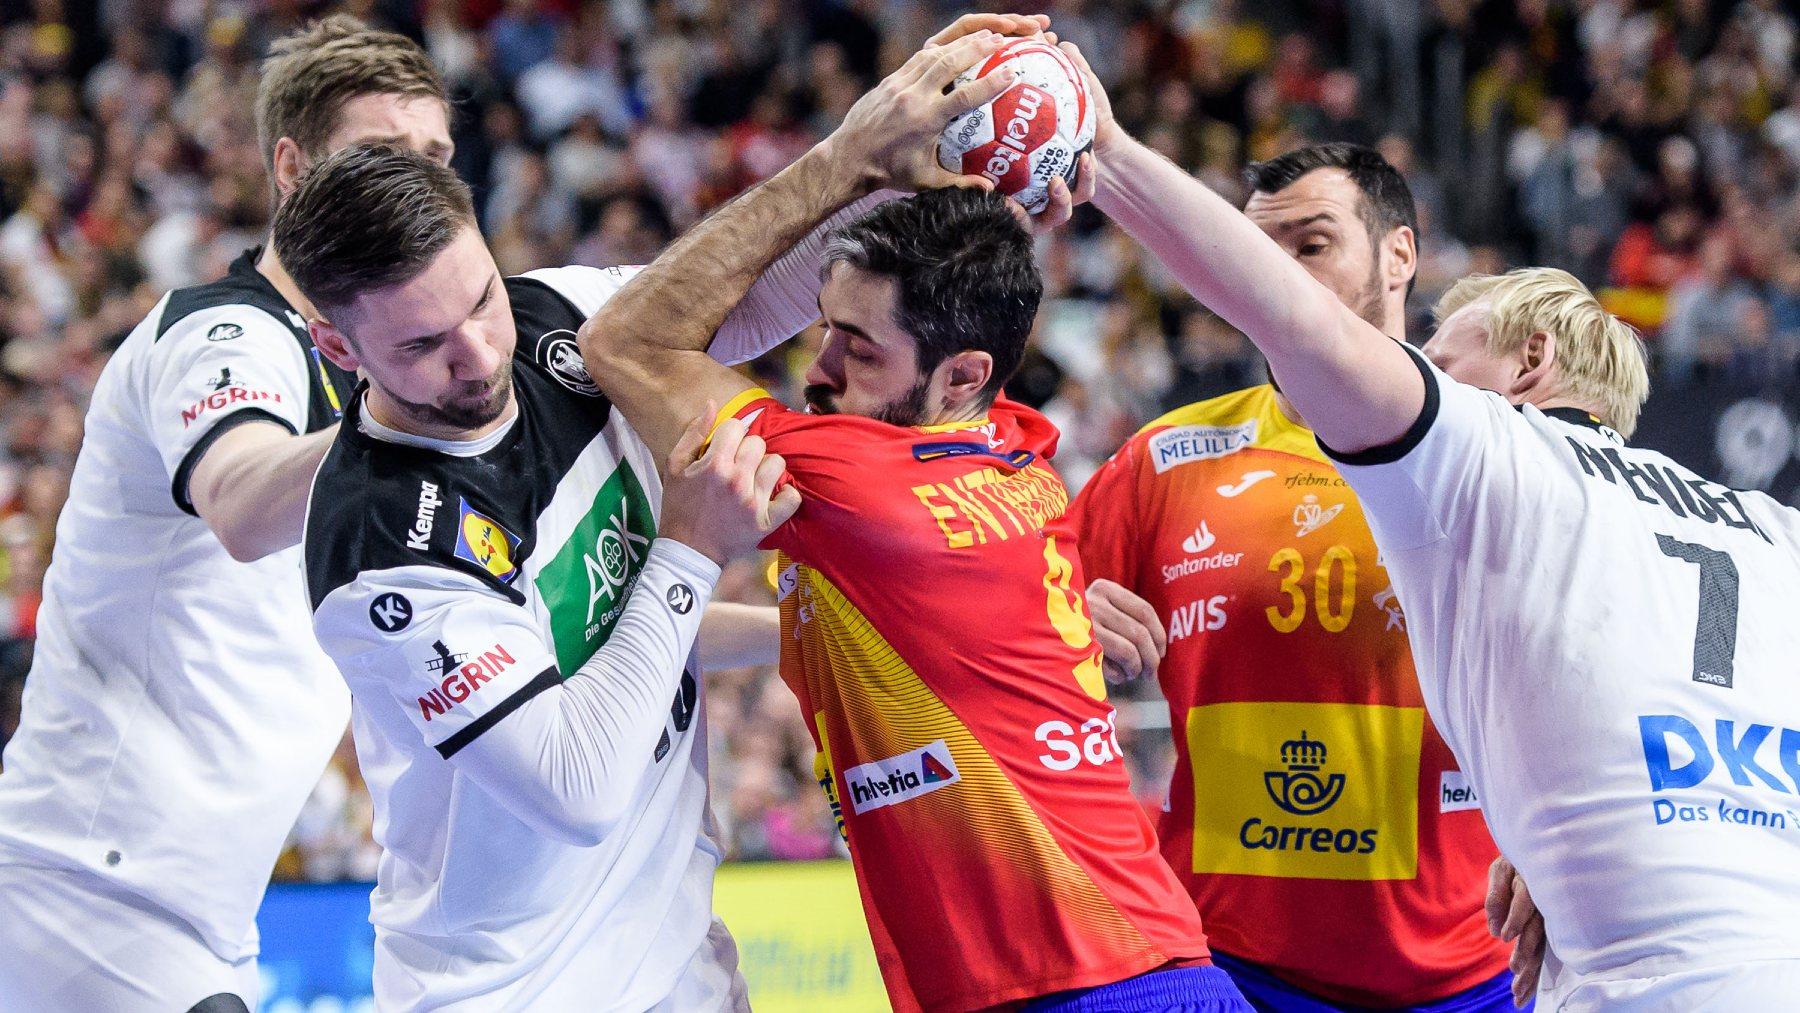 La selección de España de balonmano, en un partido contra Alemania. (Getty)